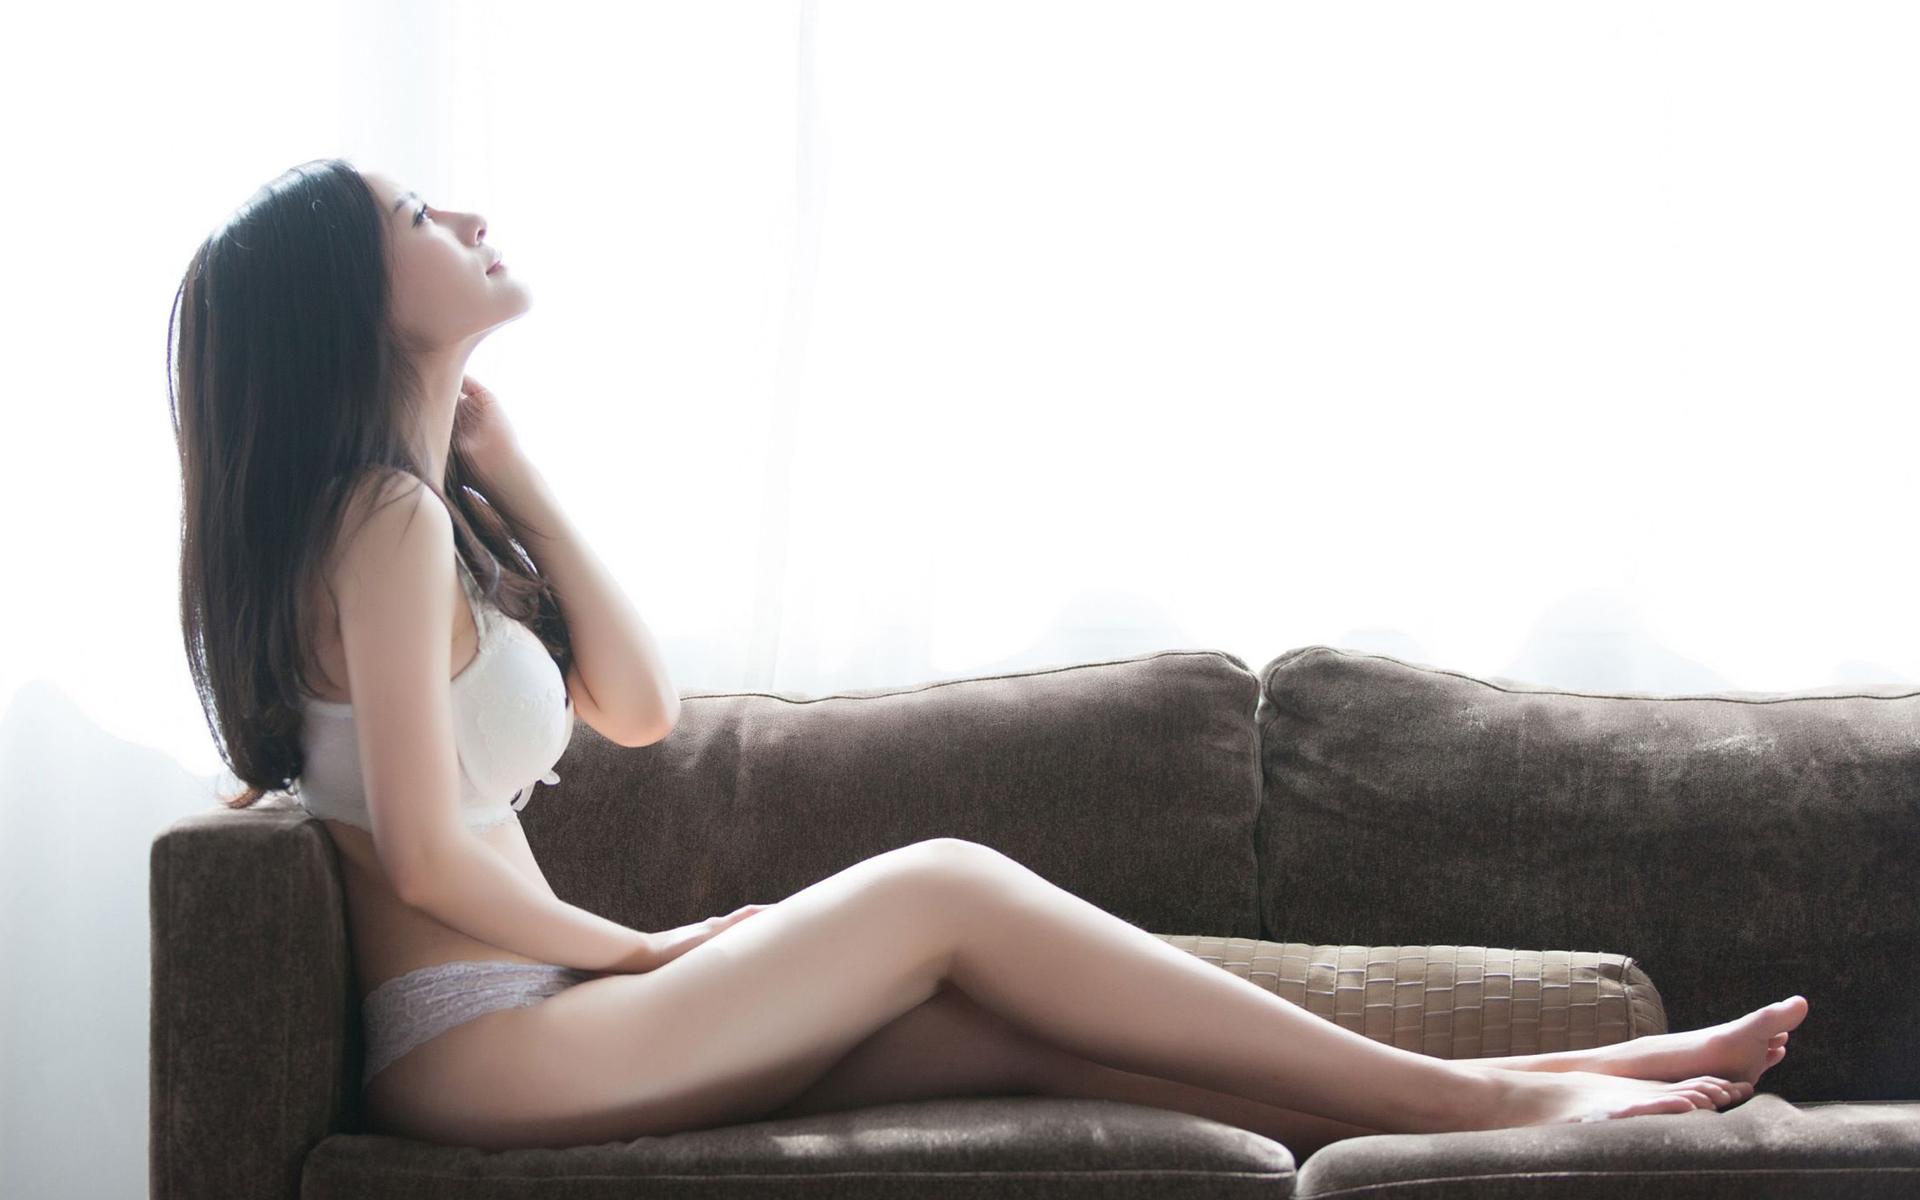 大胸巨乳美女性感人体艺术写真